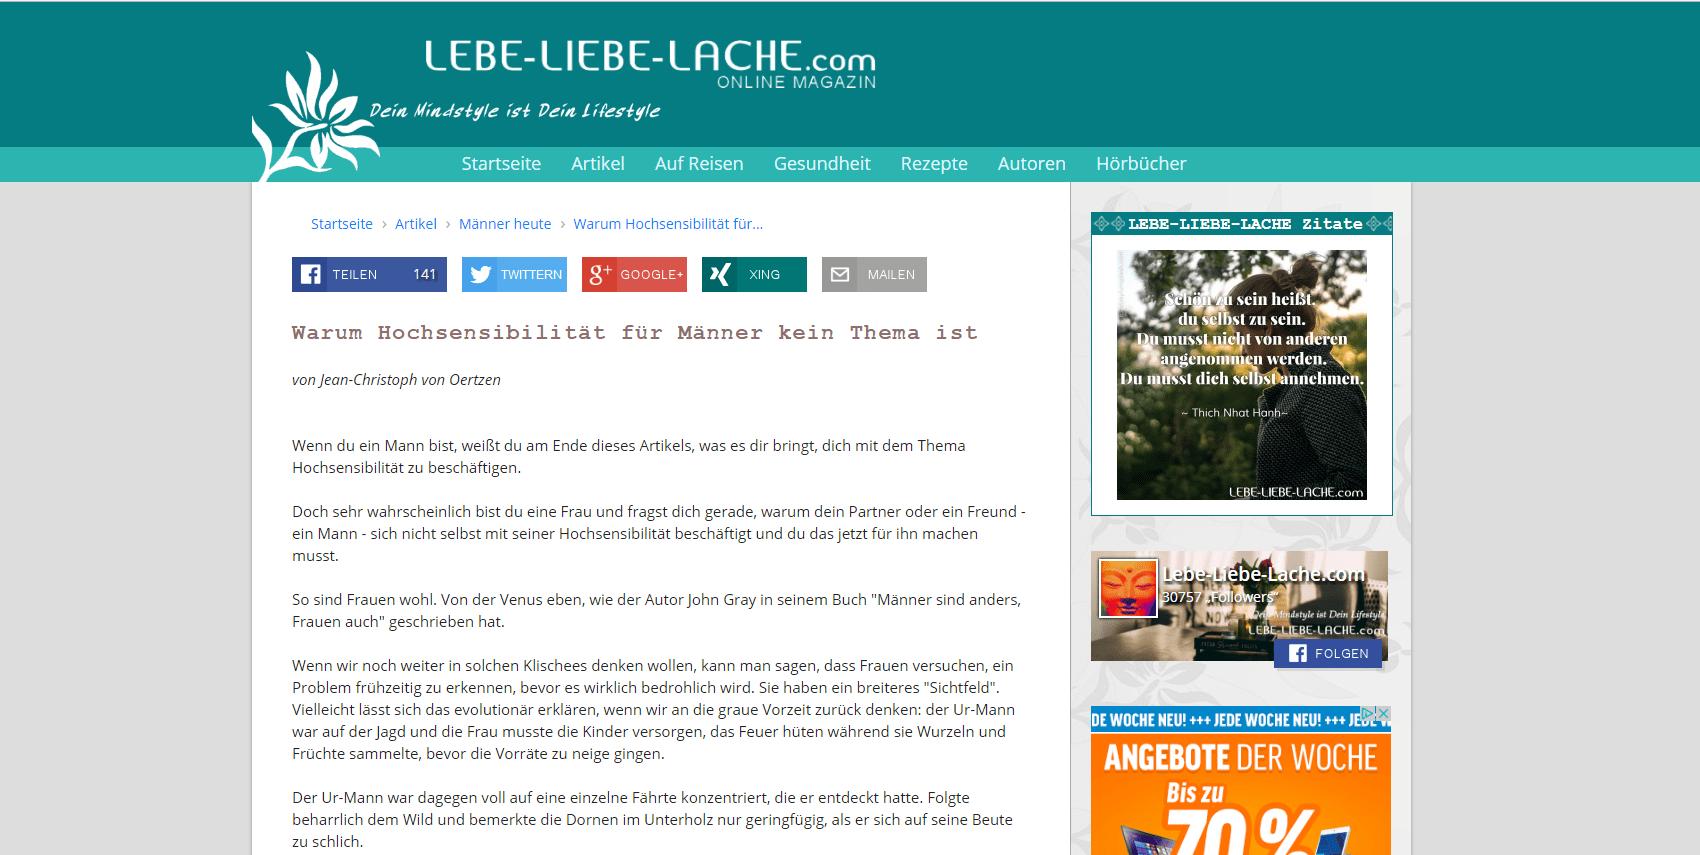 Warum Hochsensibilität für Männer kein Thema ist _ Lebe-Liebe-Lache.com